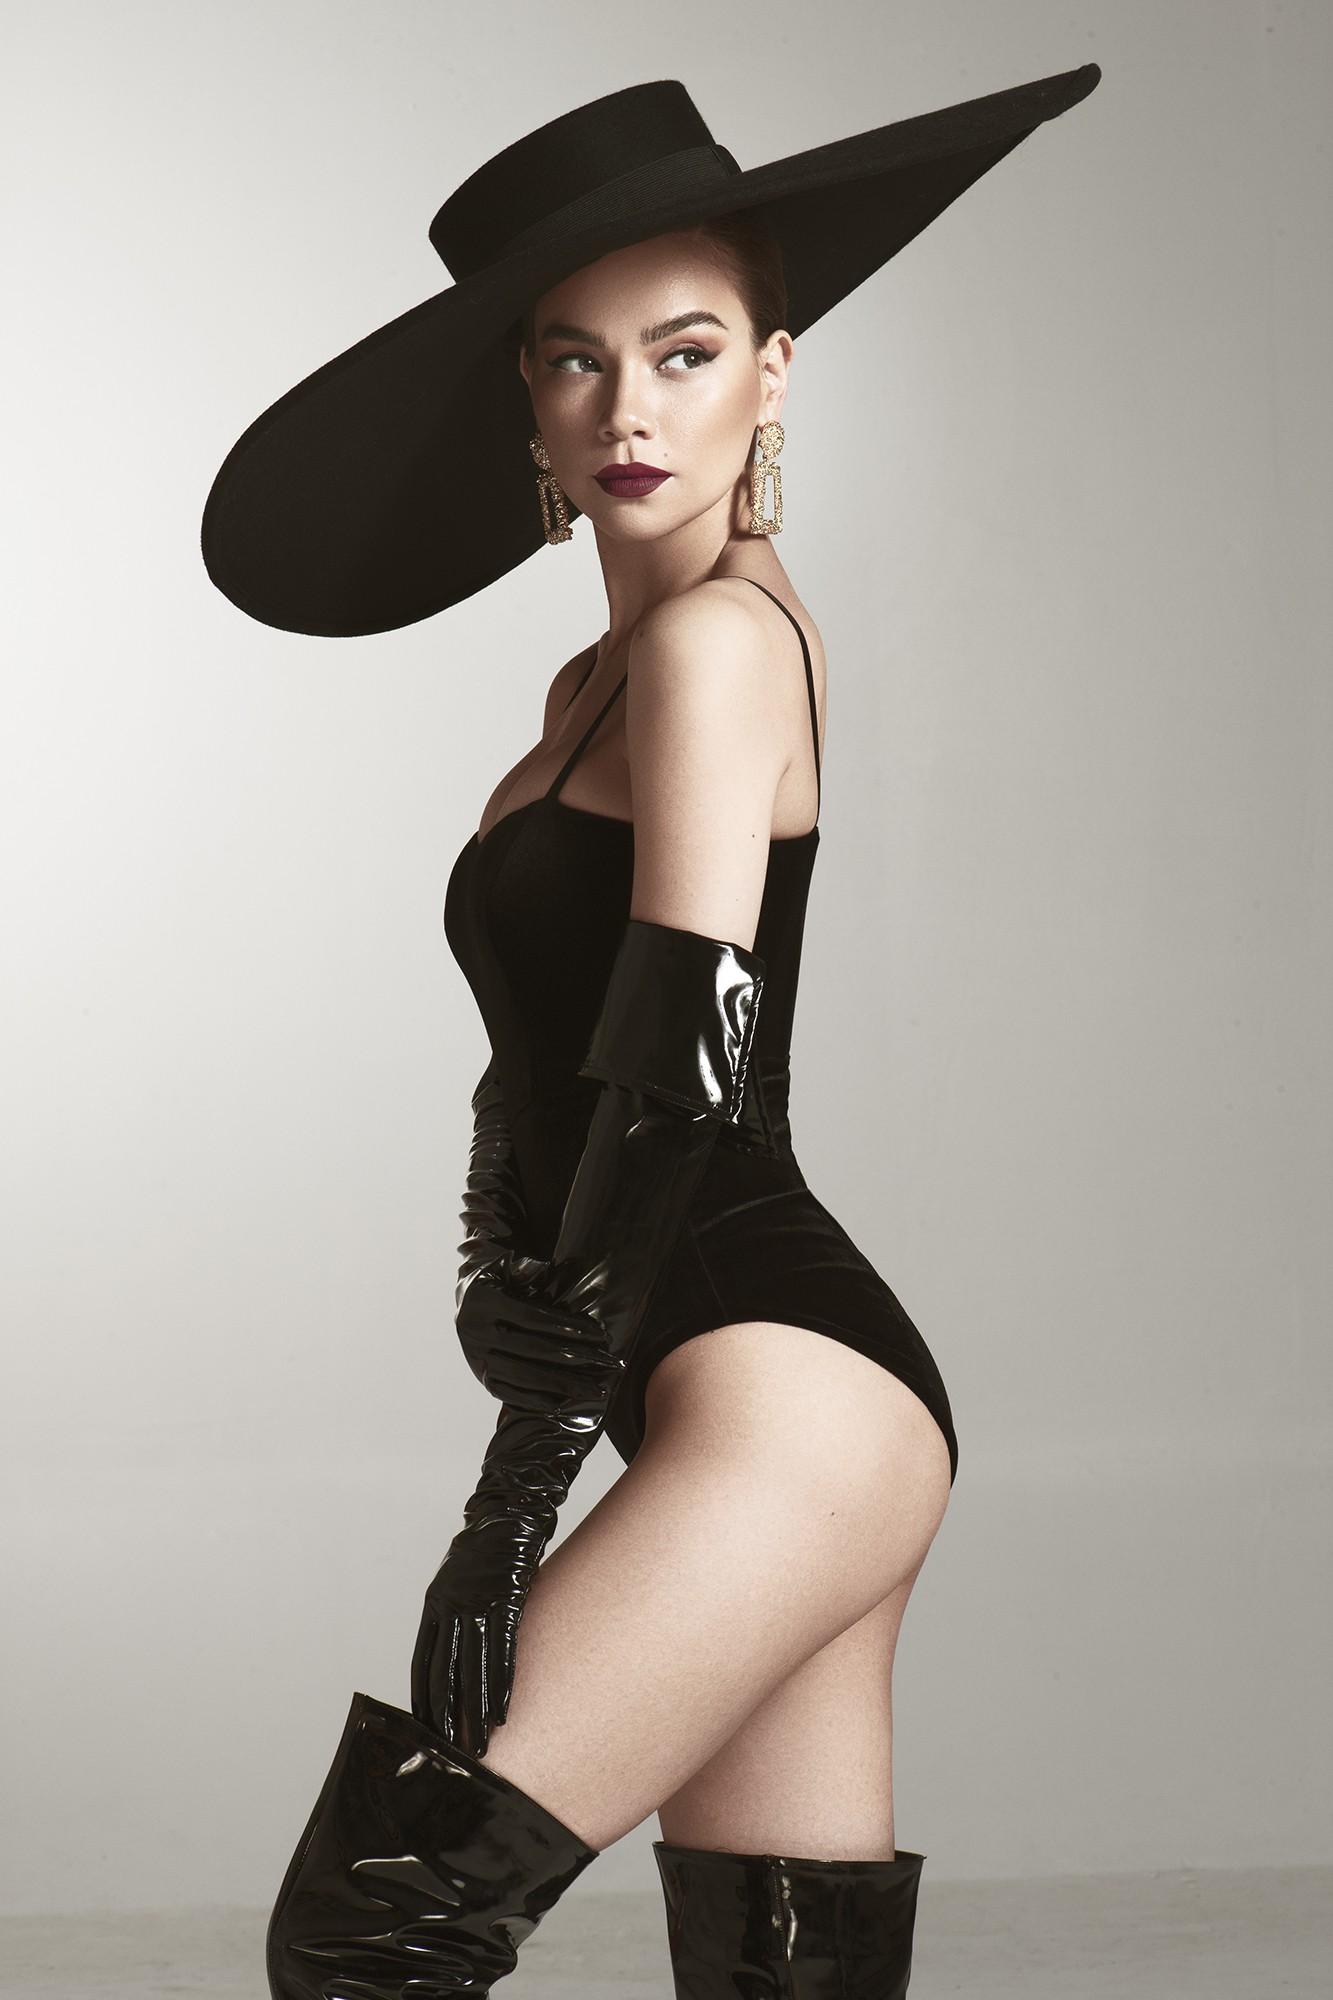 Hồ Ngọc Hà tung bộ hình sexy, hé lộ vai trò tại Asias Next Top Model - Ảnh 1.